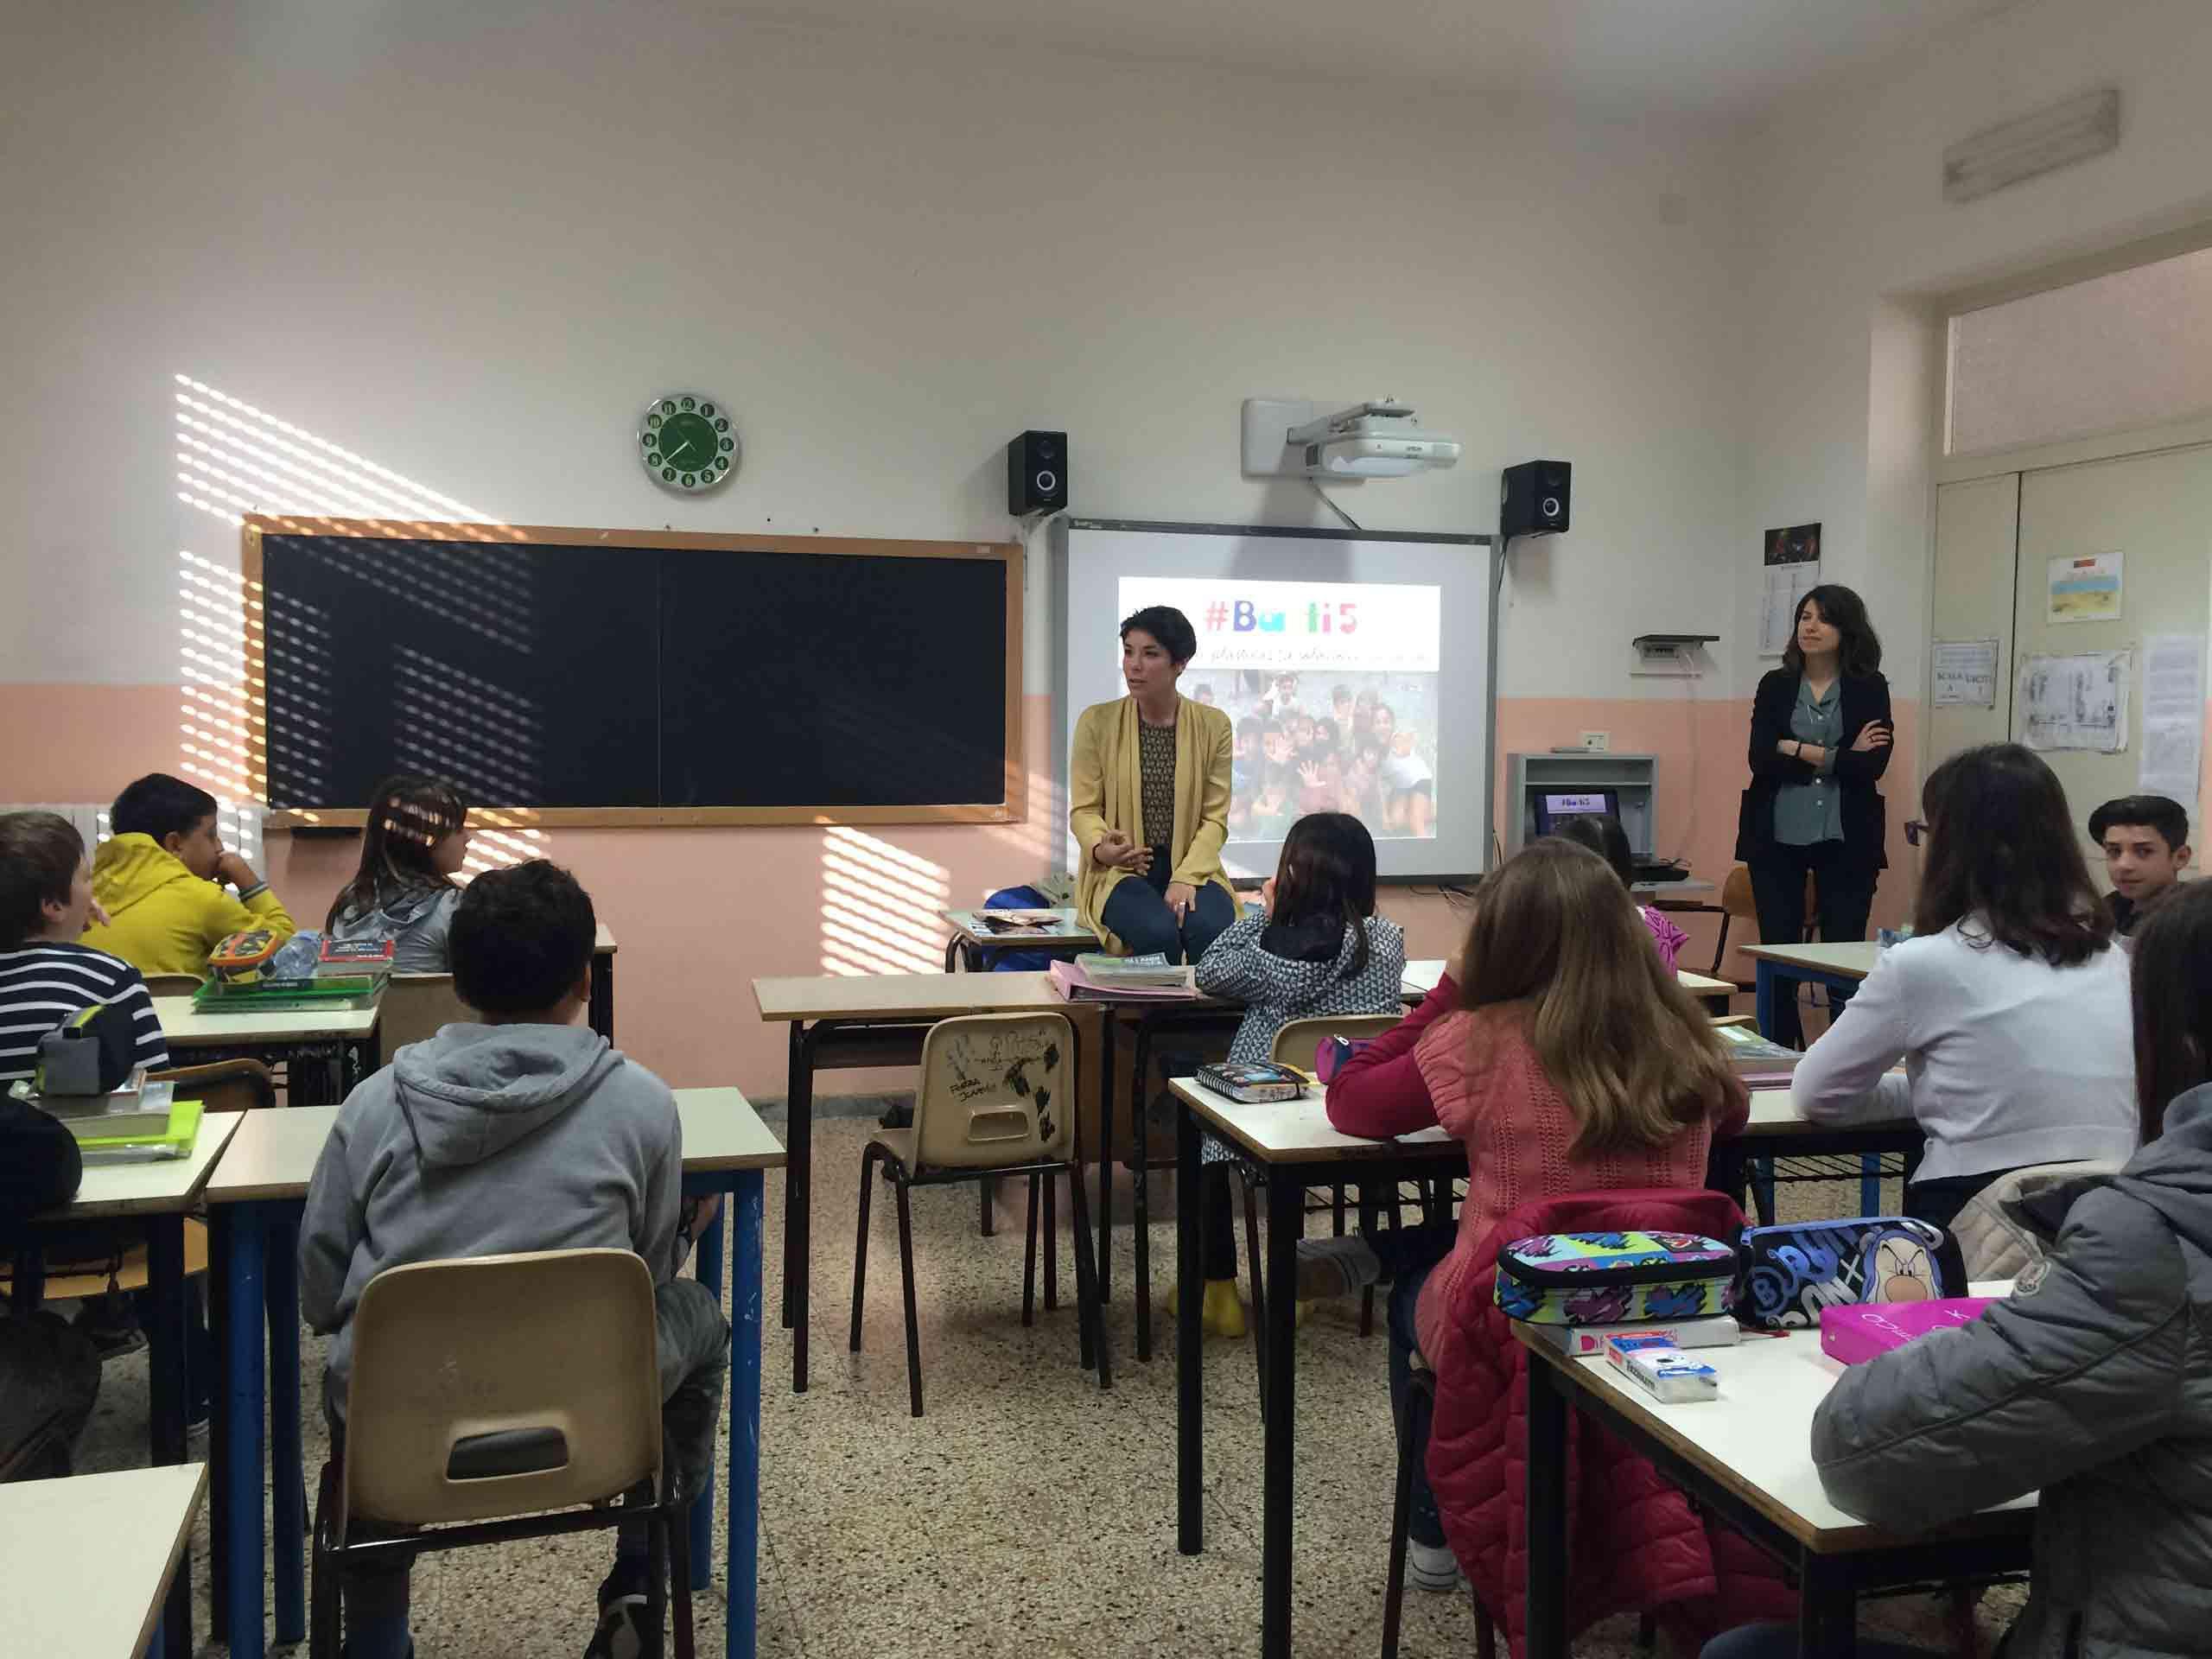 Mariasole Bianco Batti Cinque Project